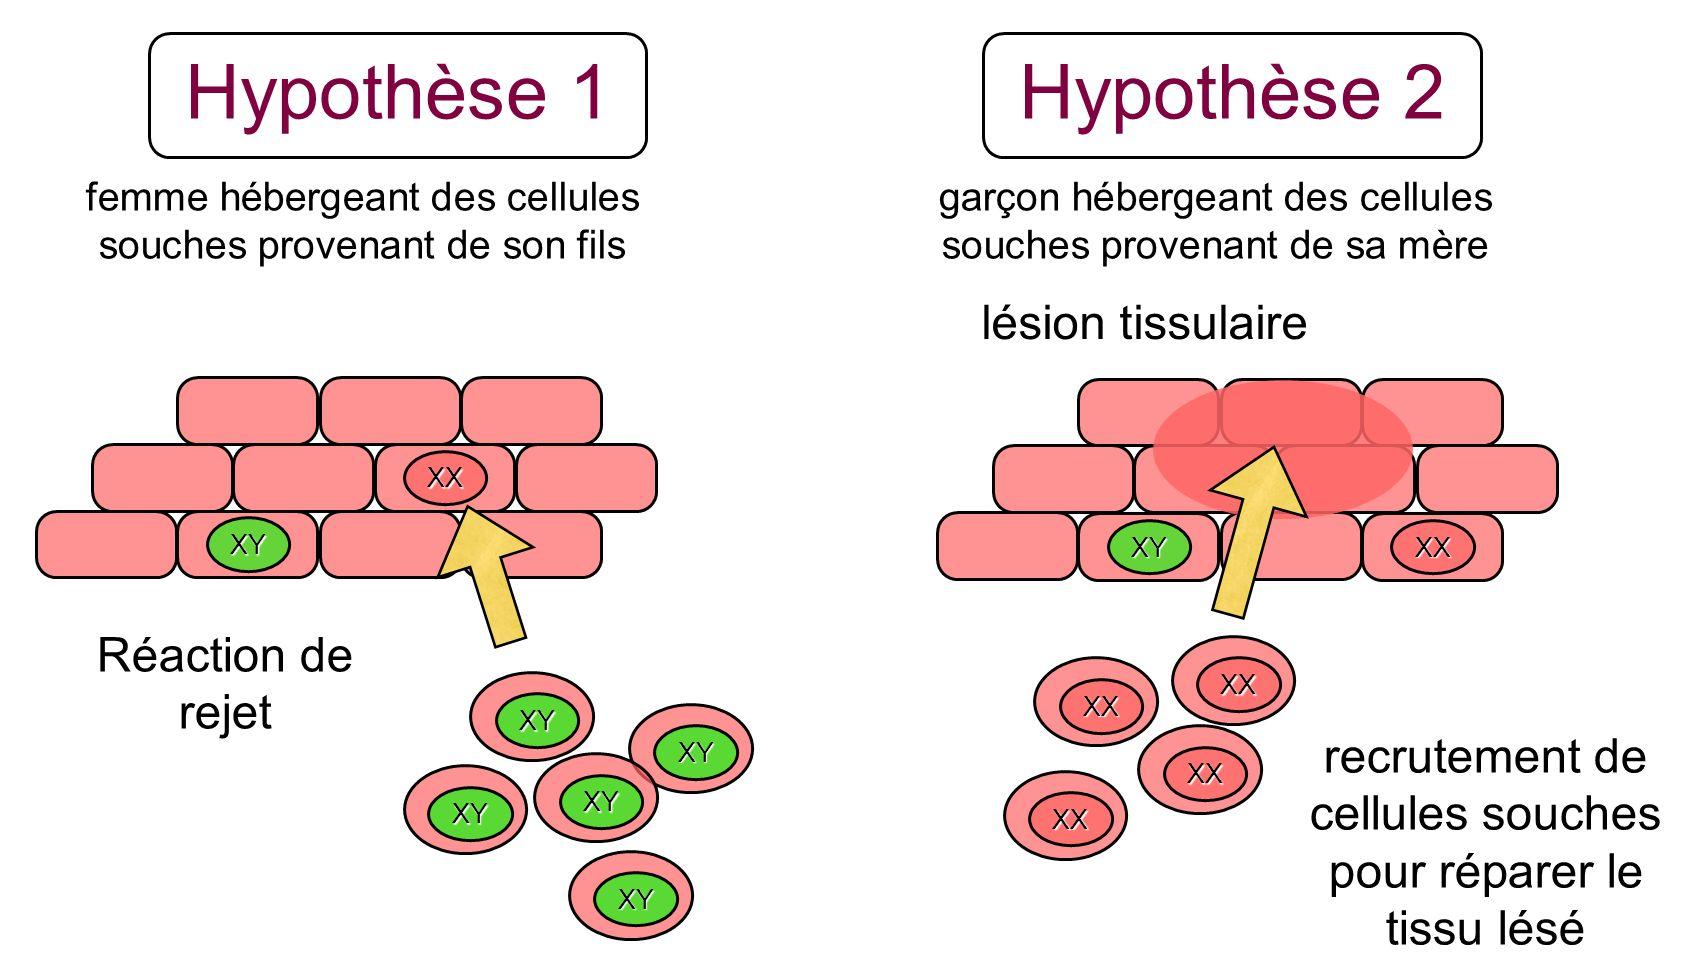 Hypothèse 2 Hypothèse 1 lésion tissulaire Réaction de rejet